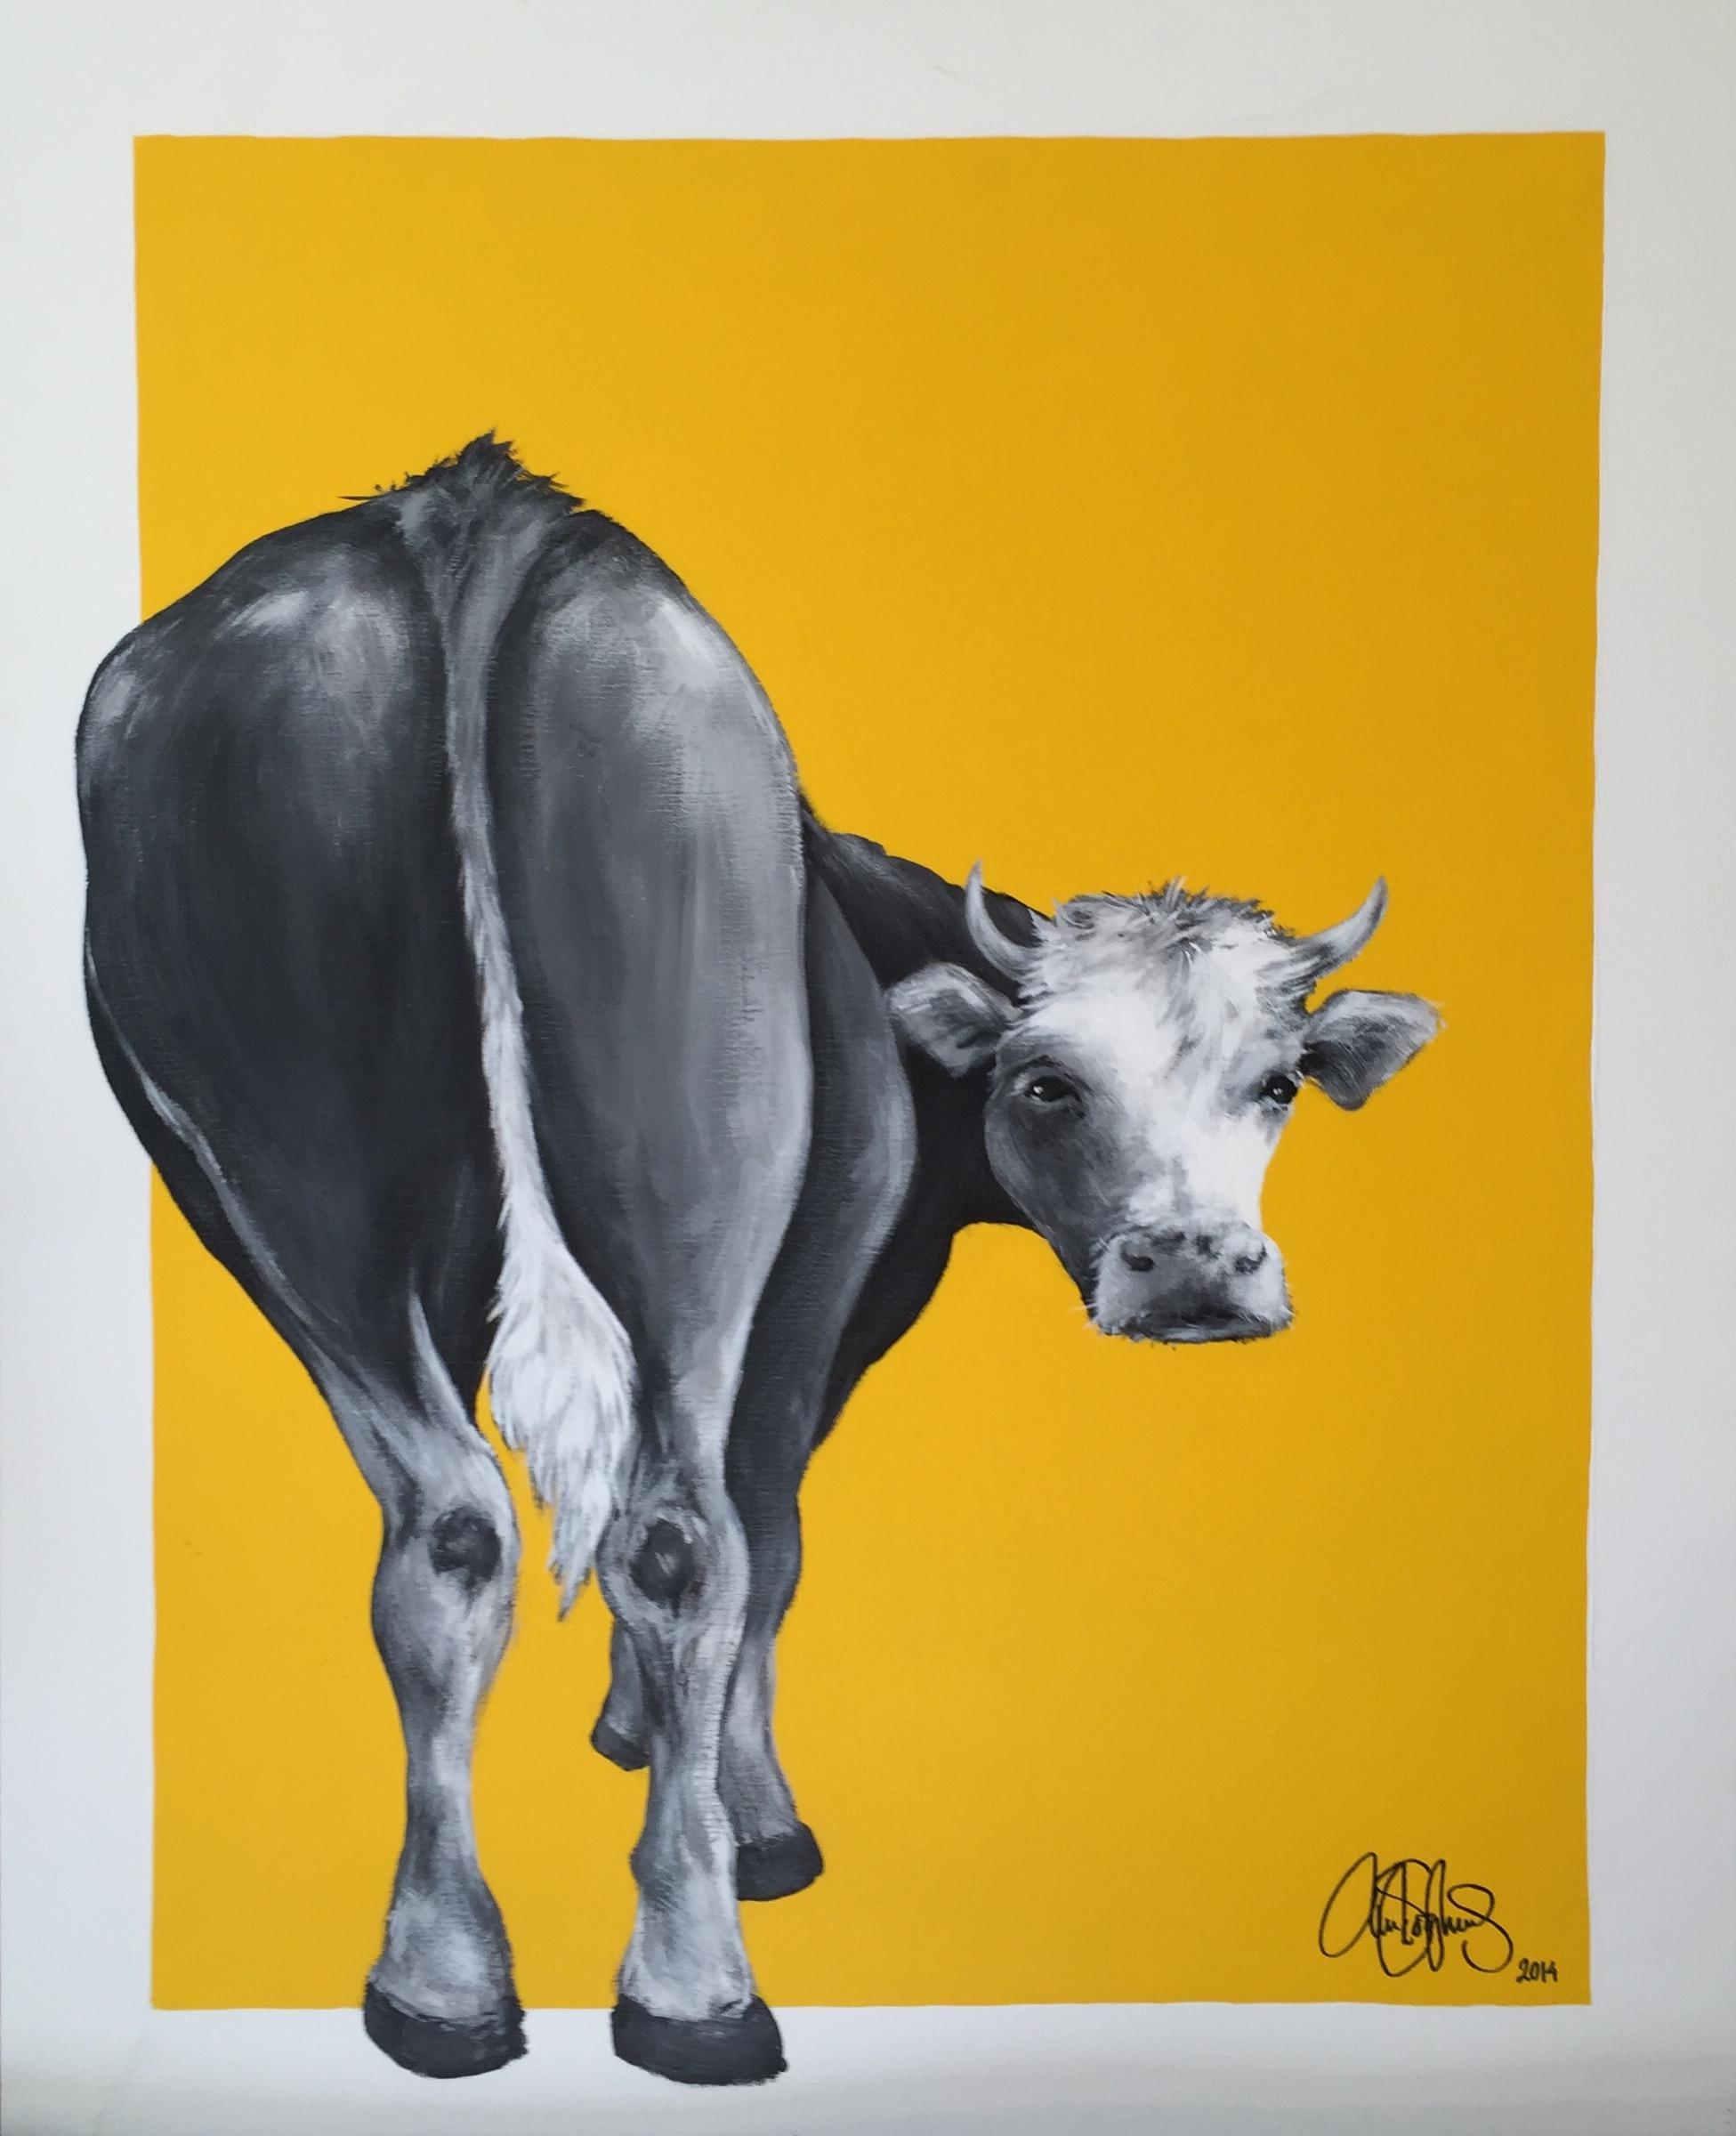 Akrylmålning i original målad på uppspänd canvasduk. 80x100cm. Till salu för 6900sek.